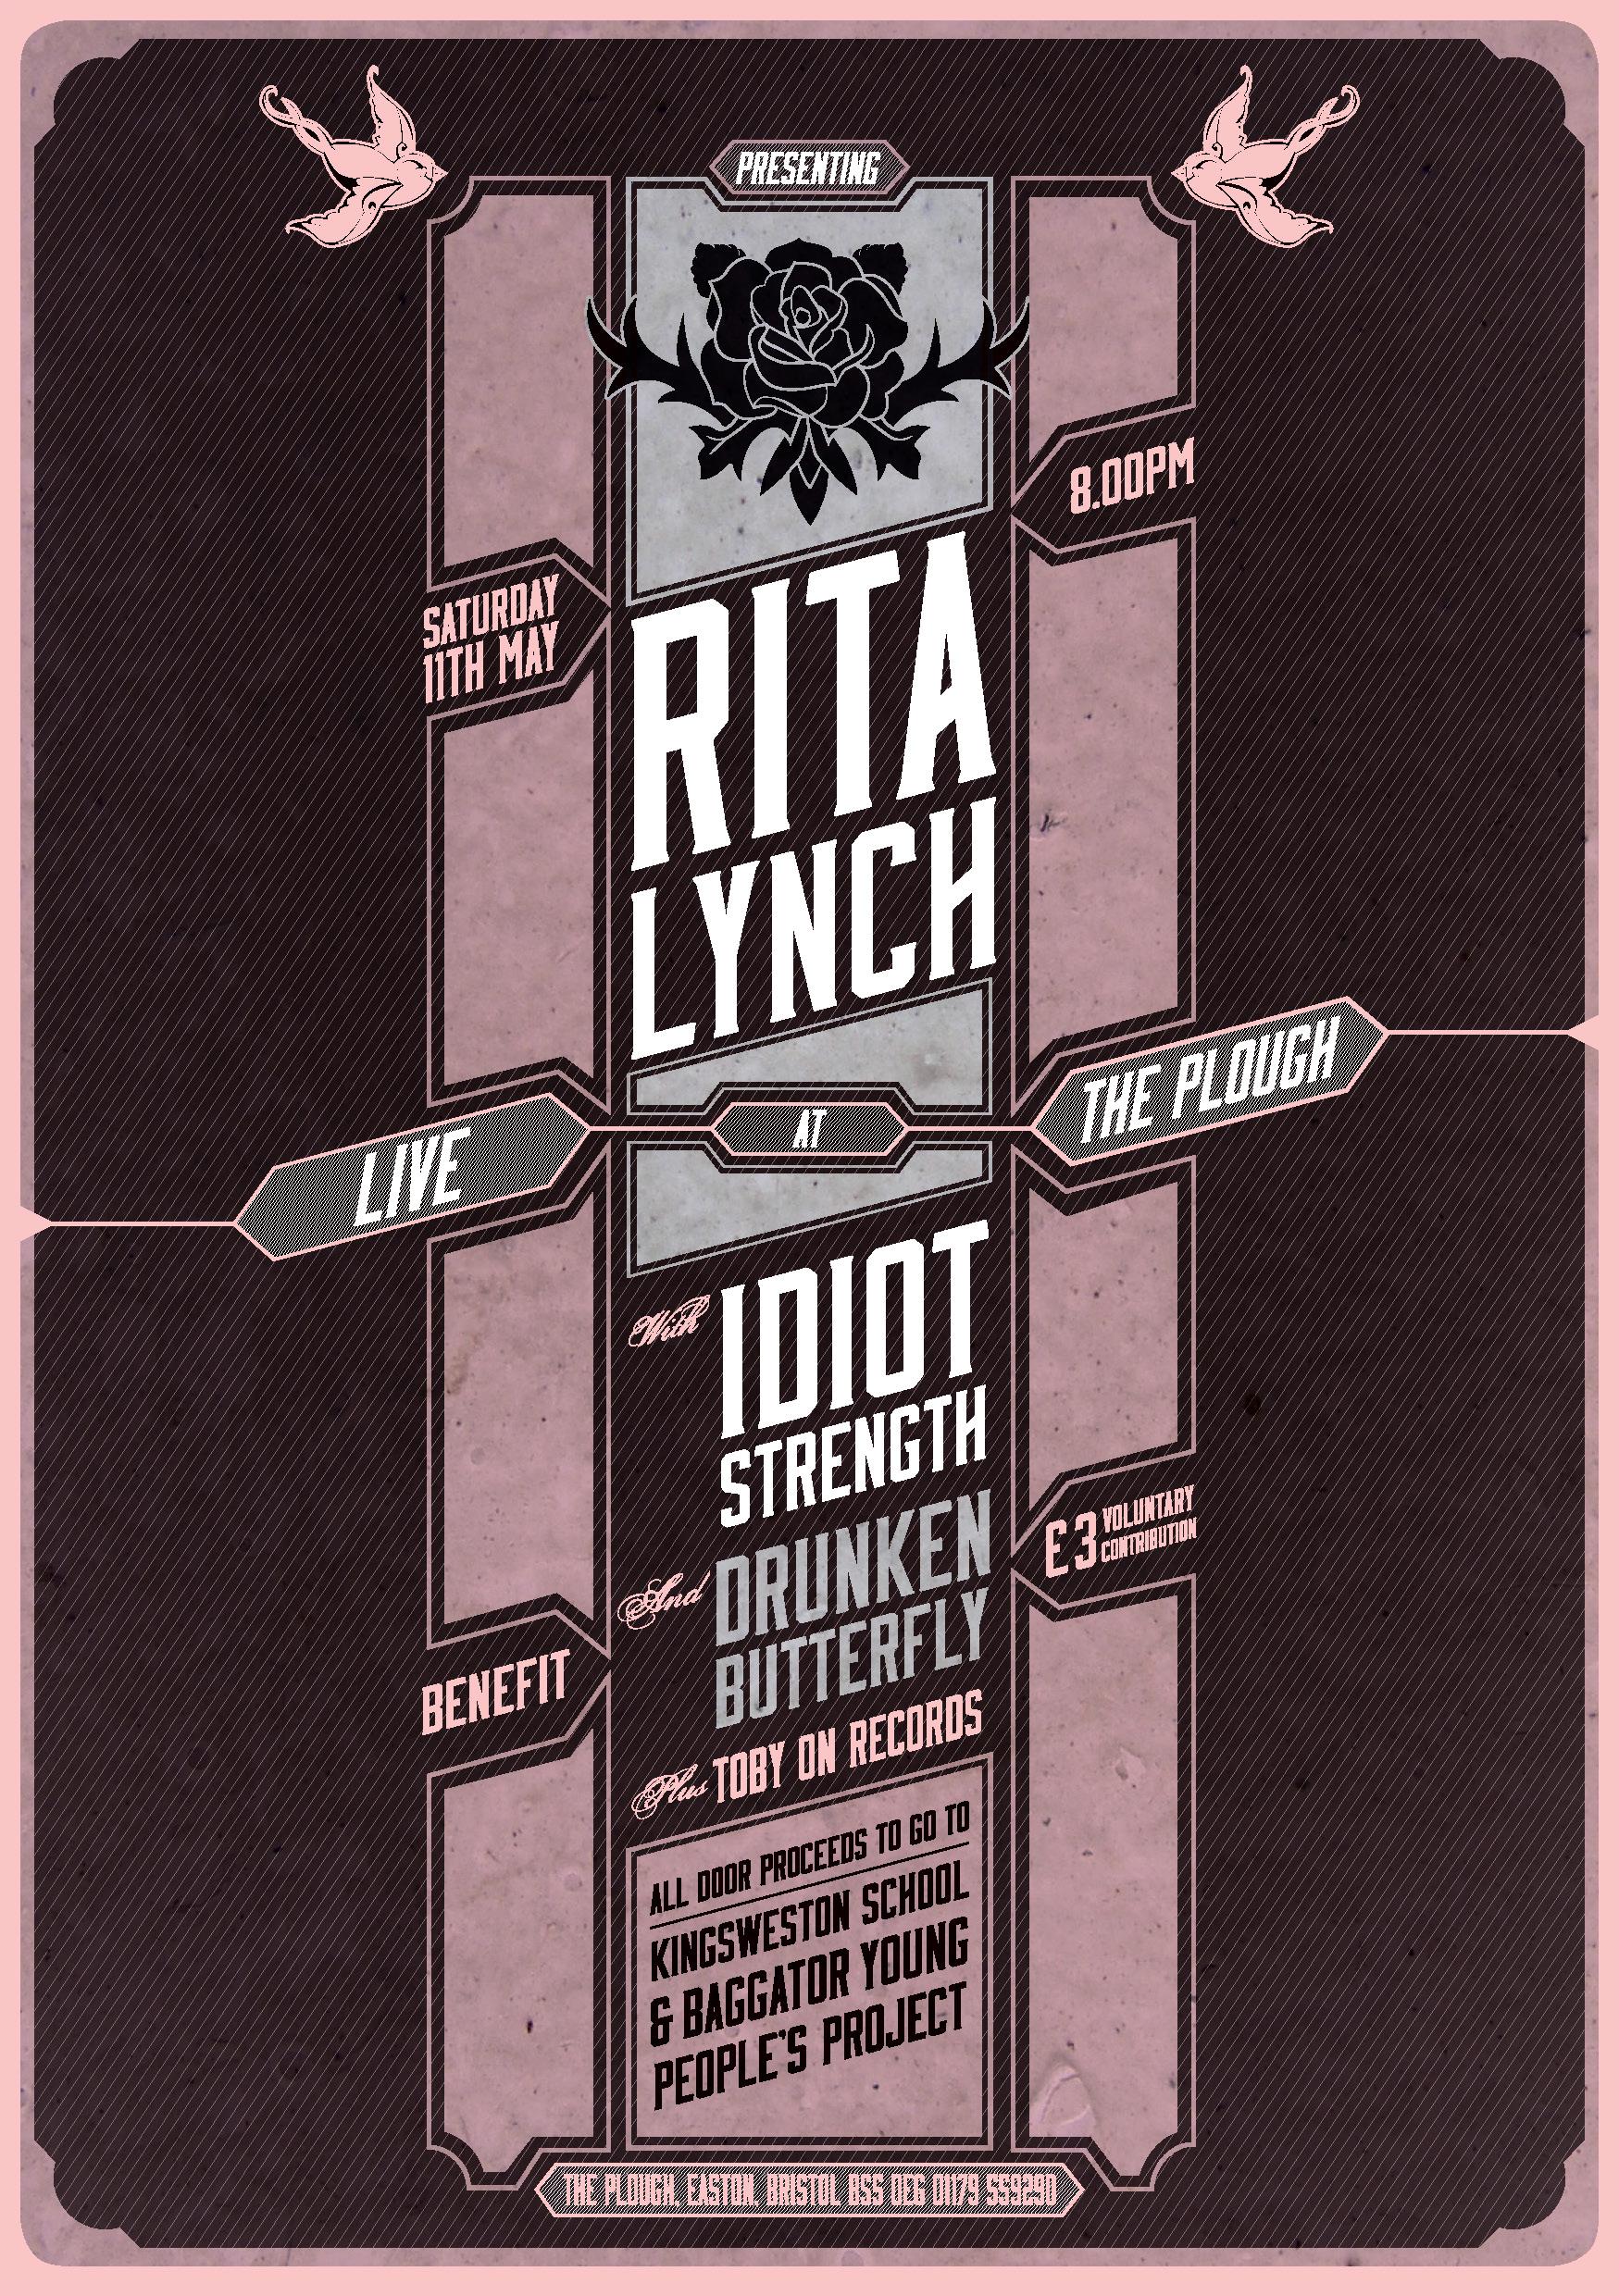 Rita Lych Benefit Gig - Saturday 11th May